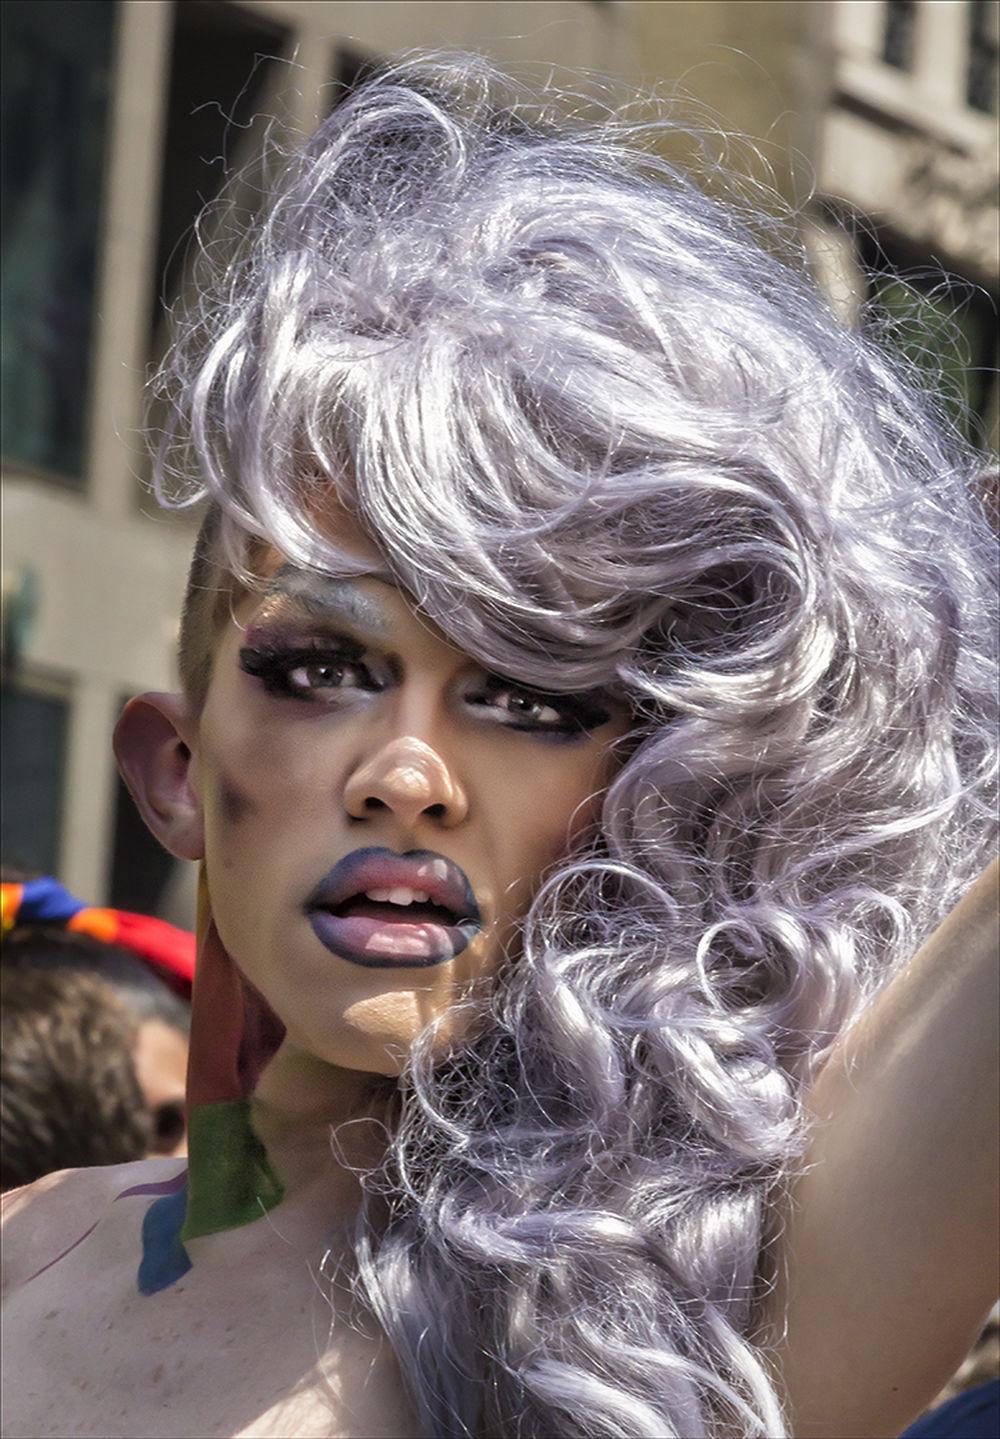 Gay Pride Parade NYC 2016 Drag Queen Gay Events Gay Pride Gay Pride Parade NYC 2016 Purple Wildflower